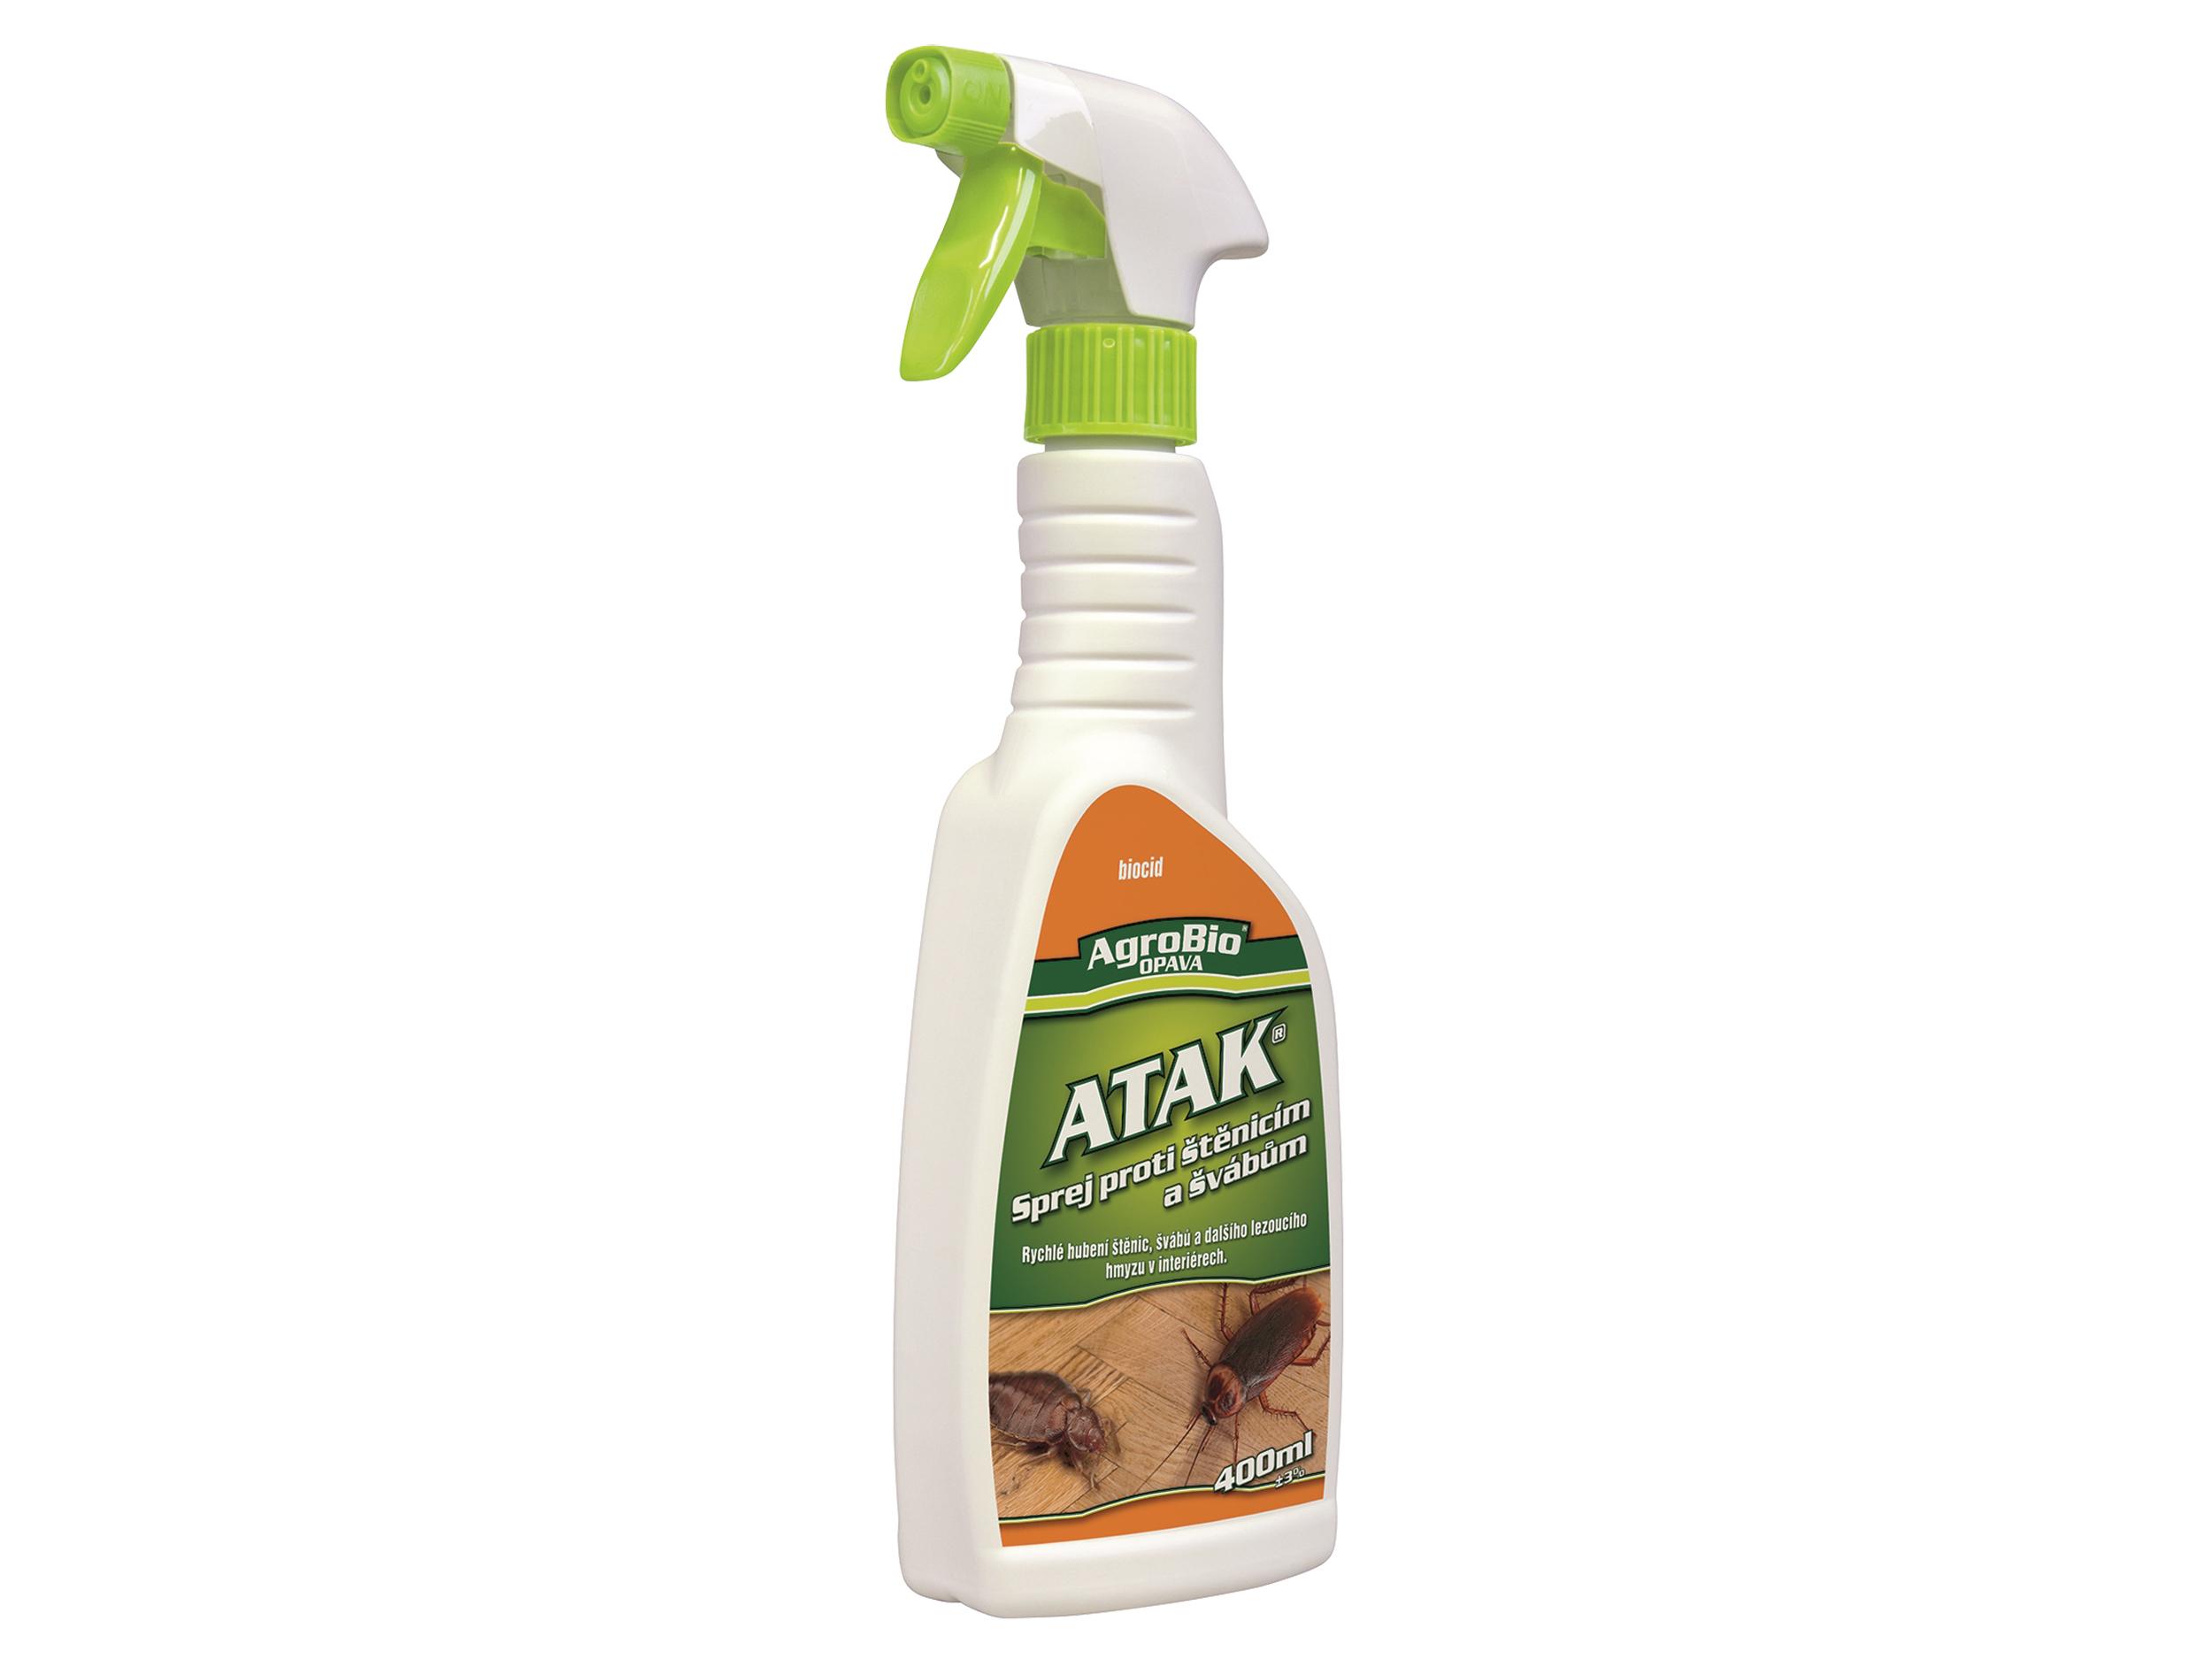 ATAK Sprej proti štěnicím a švábům